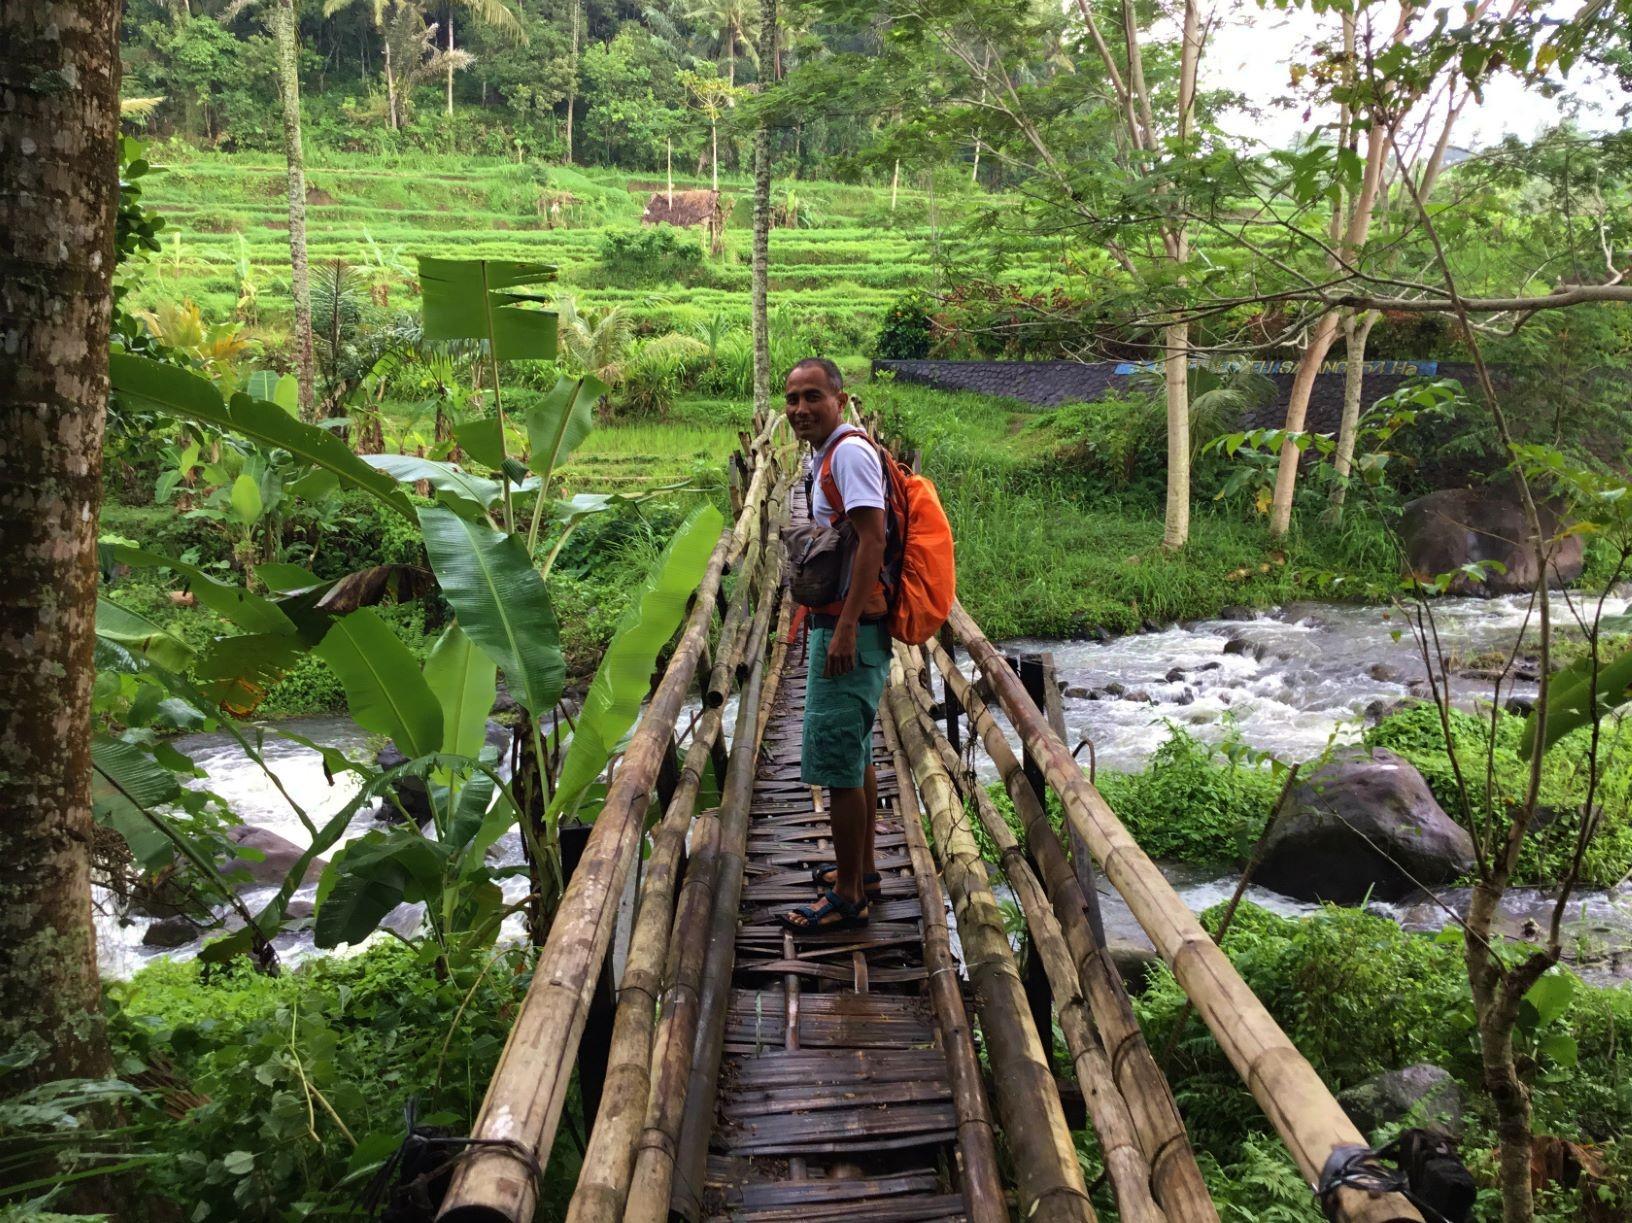 ハイキングのスタートは竹製の橋を渡る(3日目)